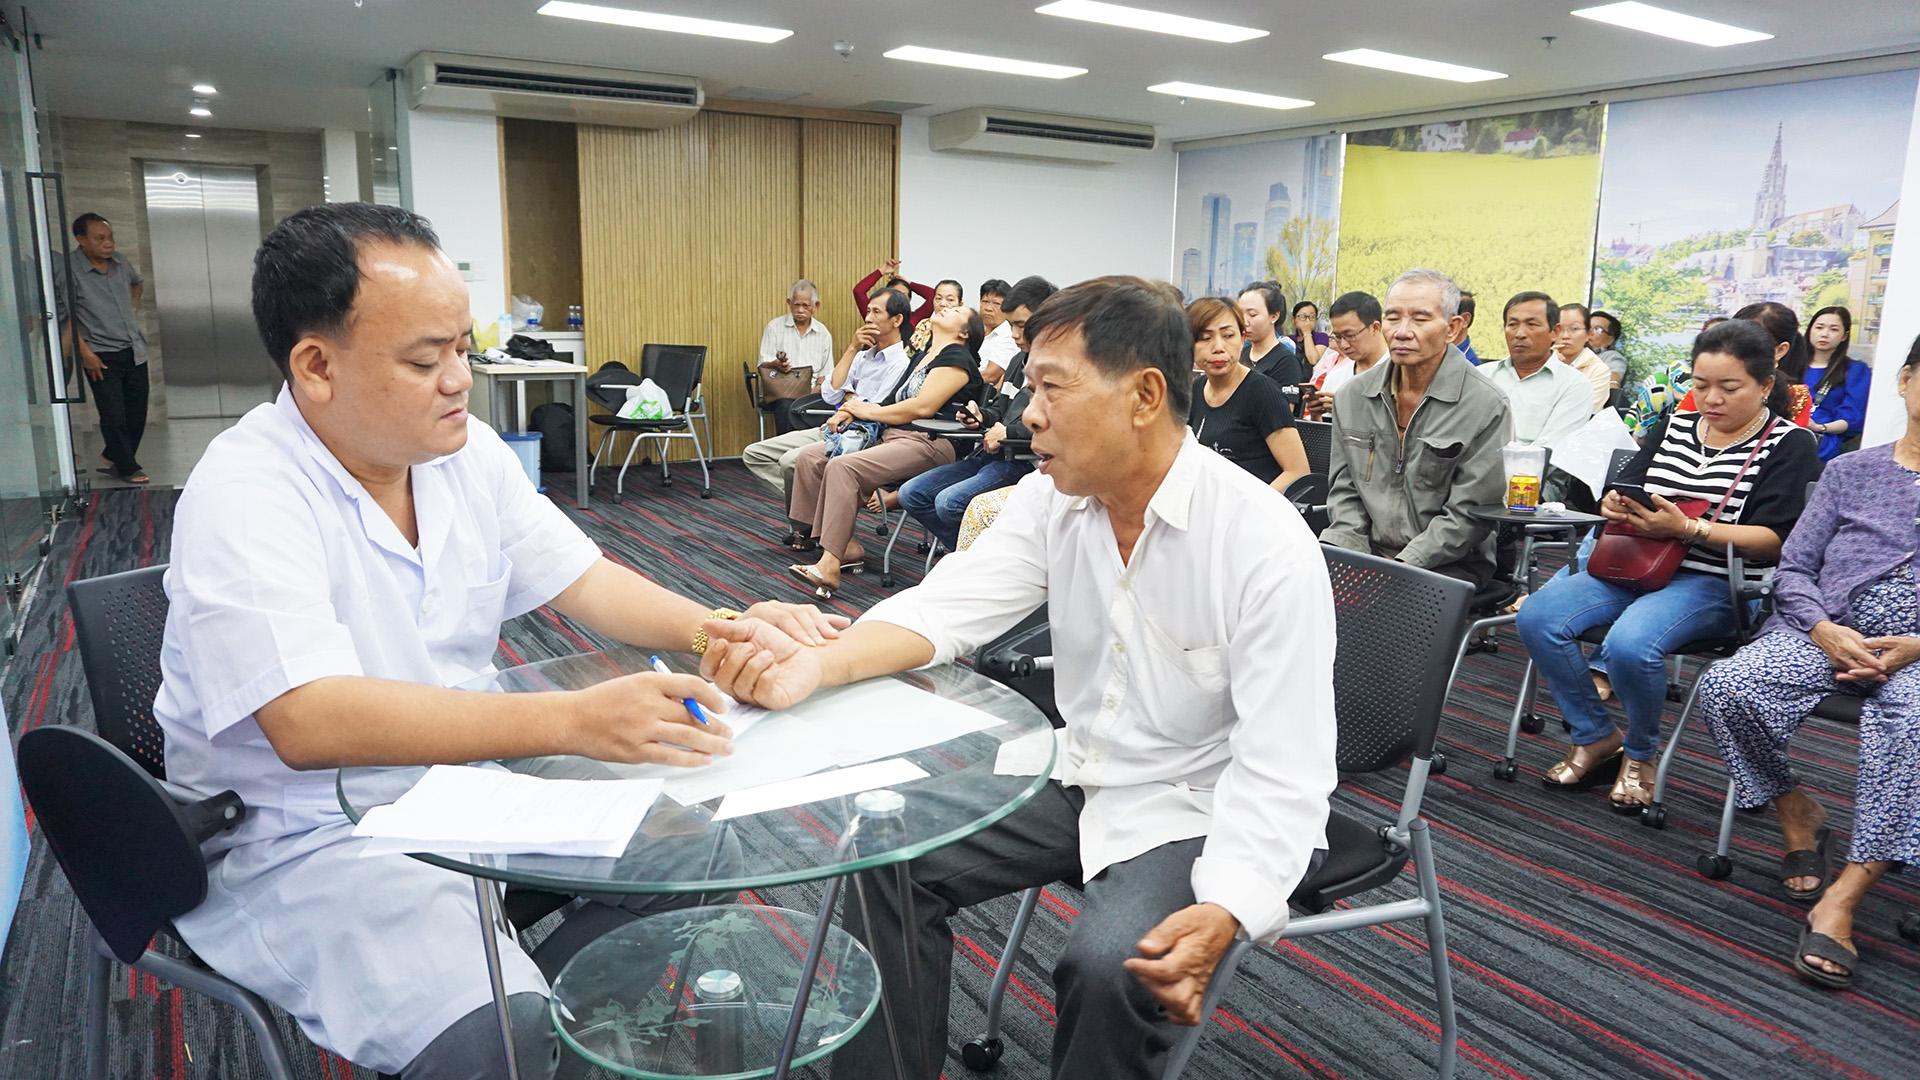 Thạc sĩ bác sĩ Phùng văn Bằng đang khám cho bệnh nhân tại chi nhánh TP HCM